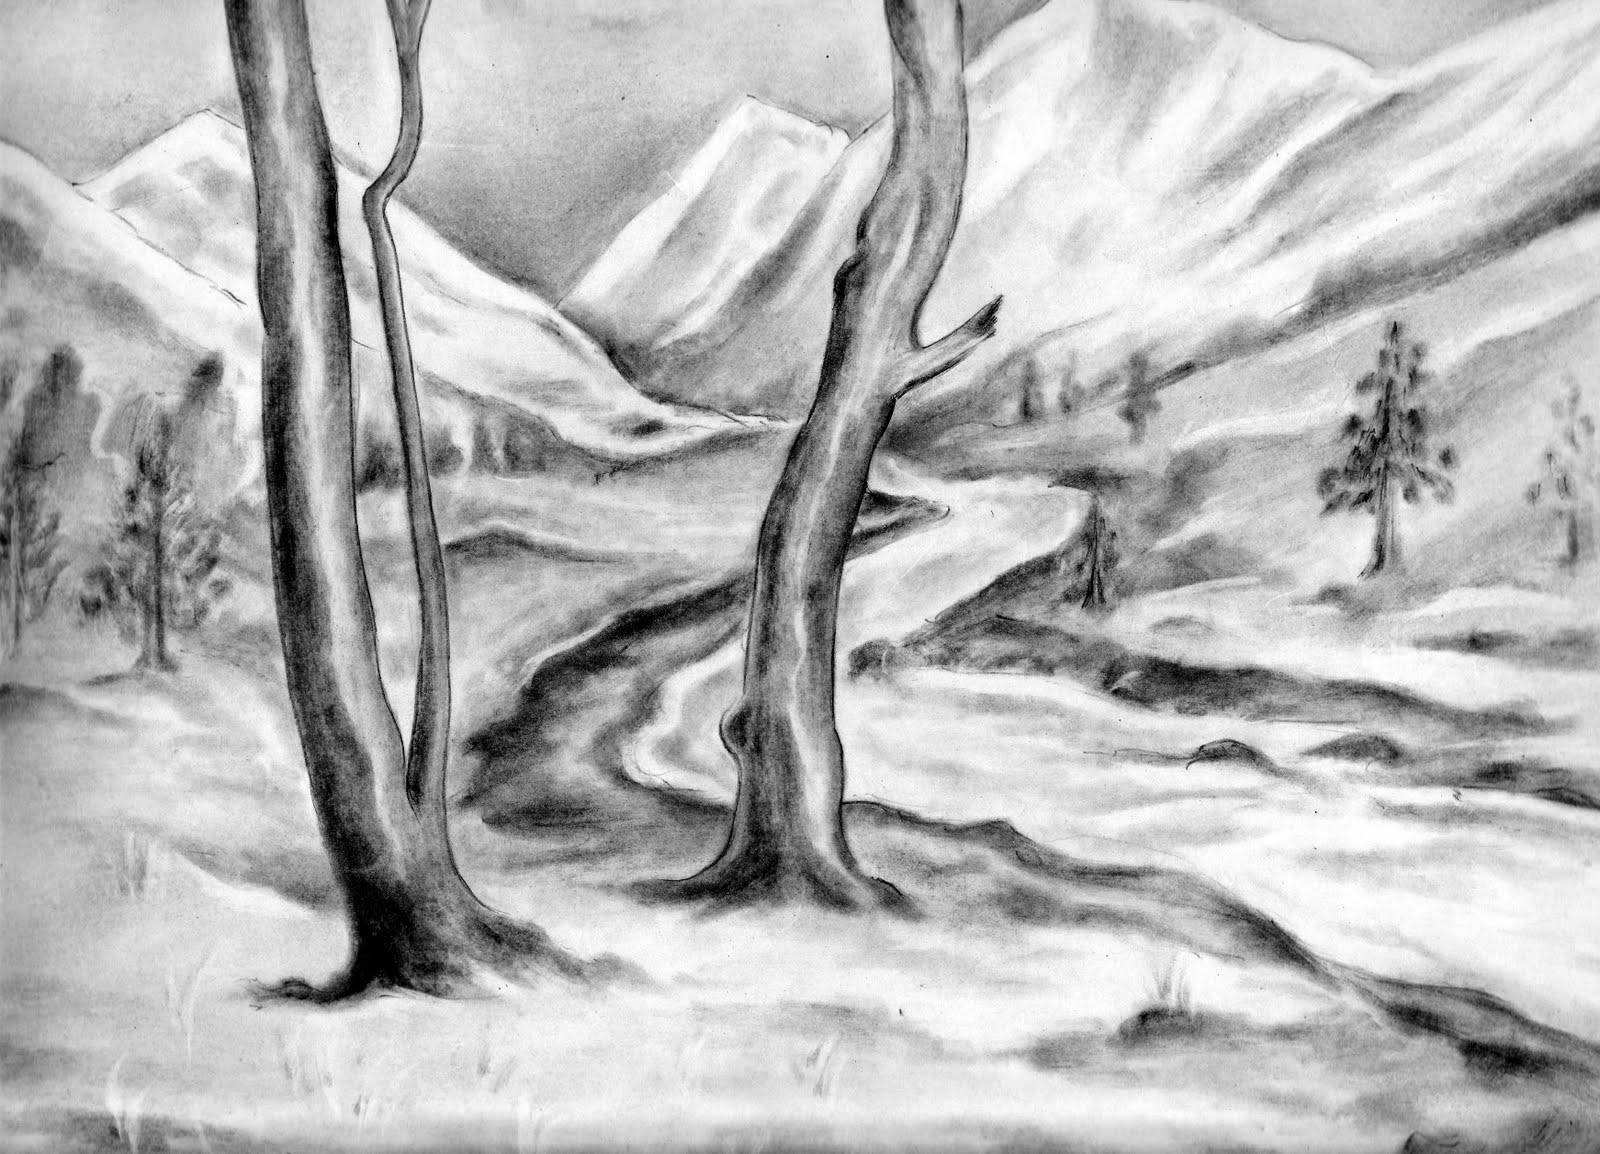 френч рисунки карандашом легкие и красивые пейзажи возникновения, симптомы лечение